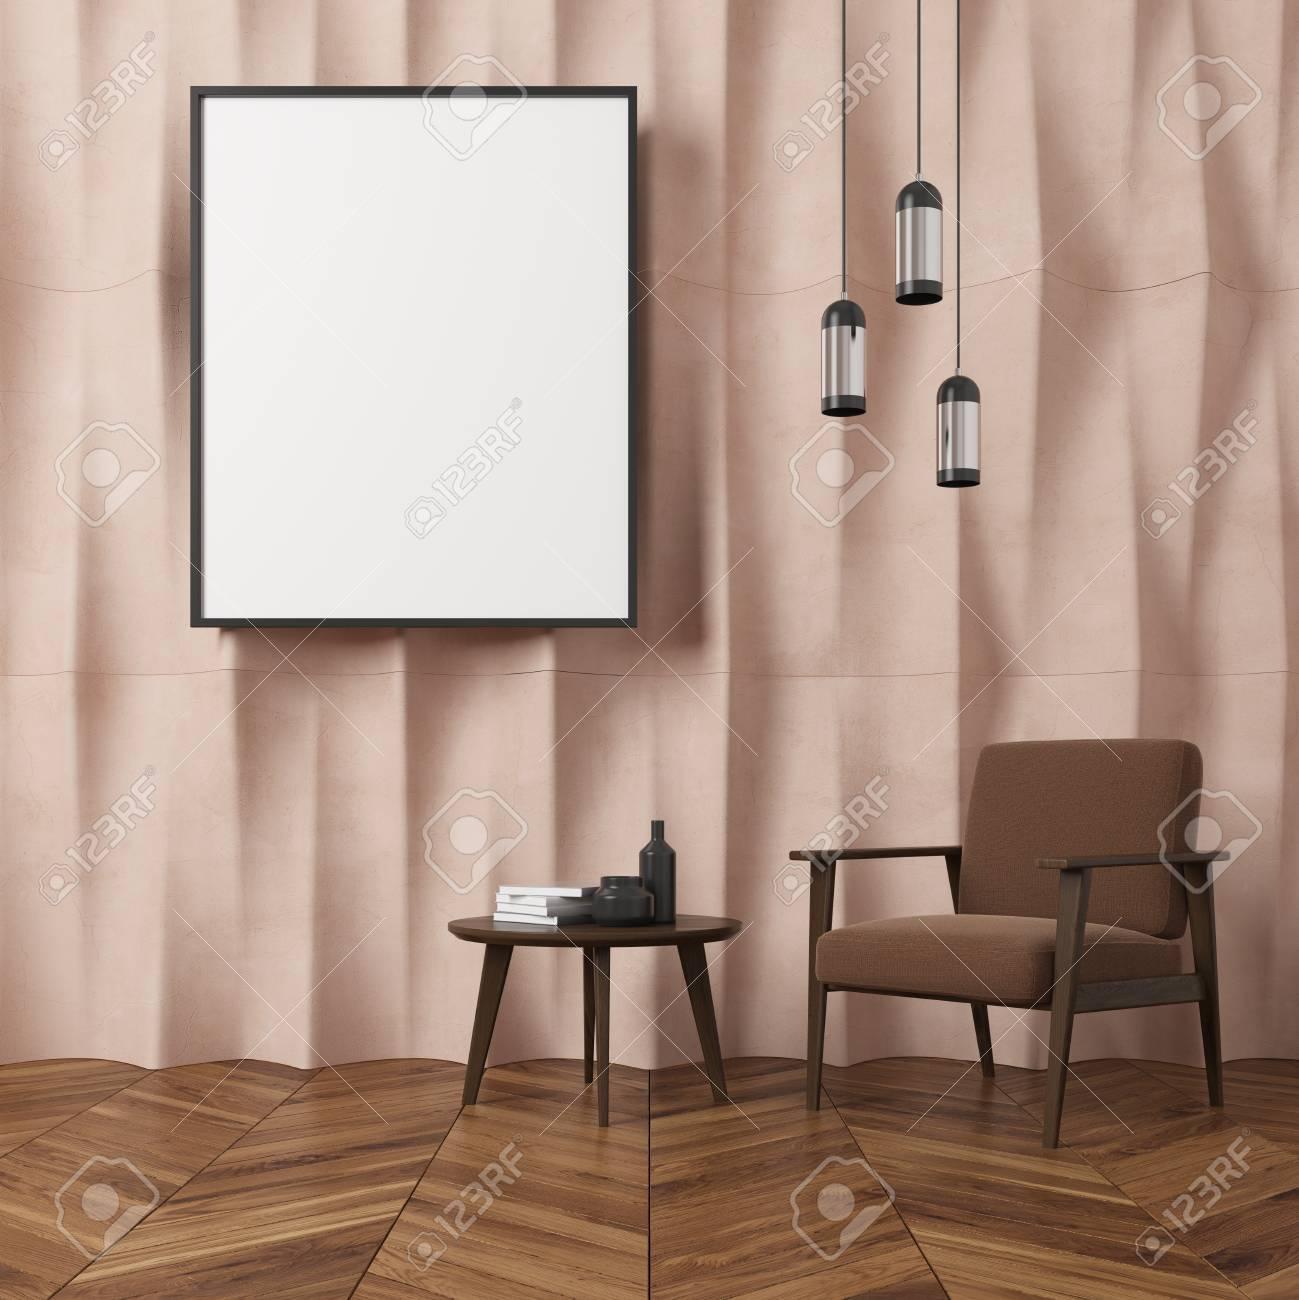 Salon Marron Et Beige Photos intérieur de salon mural texturé beige avec un fauteuil marron, une table à  café avec des livres et des bouteilles et une affiche verticale encadrée.